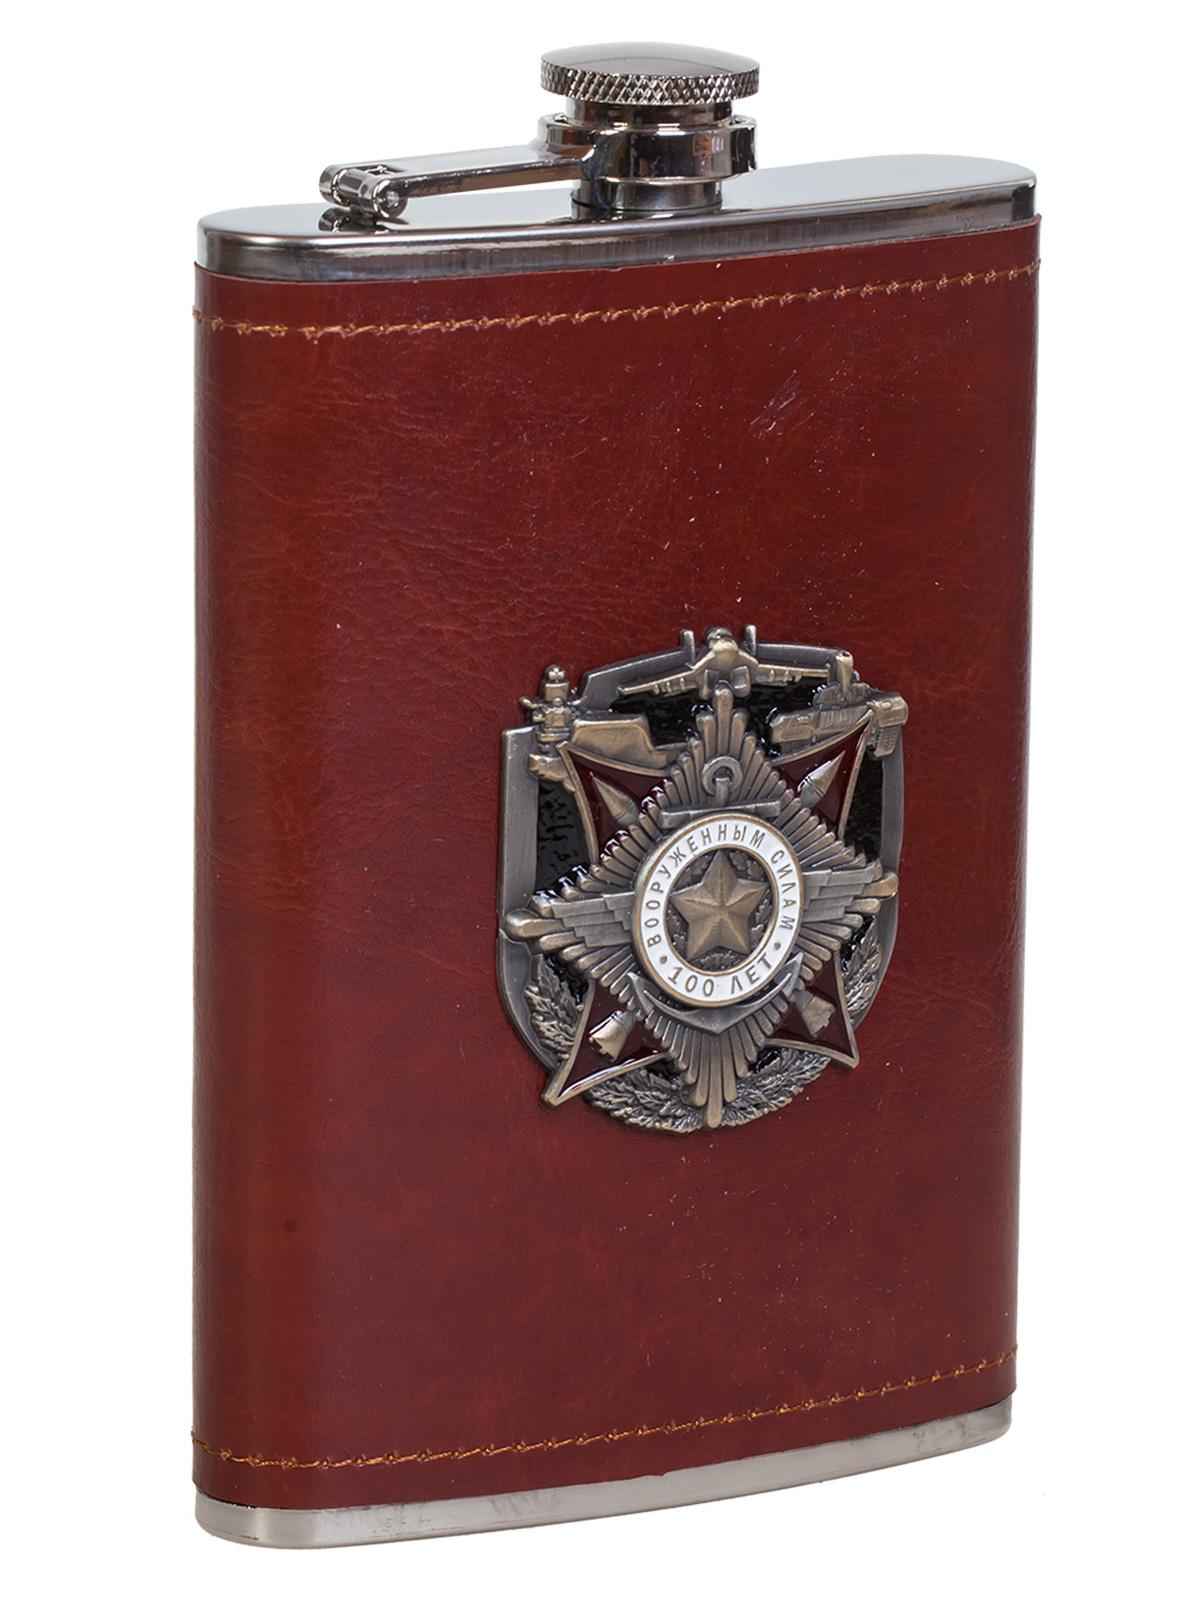 Купить карманную фляжку в кожаном чехле с накладкой Вооруженным силам 100 лет оптом выгодно